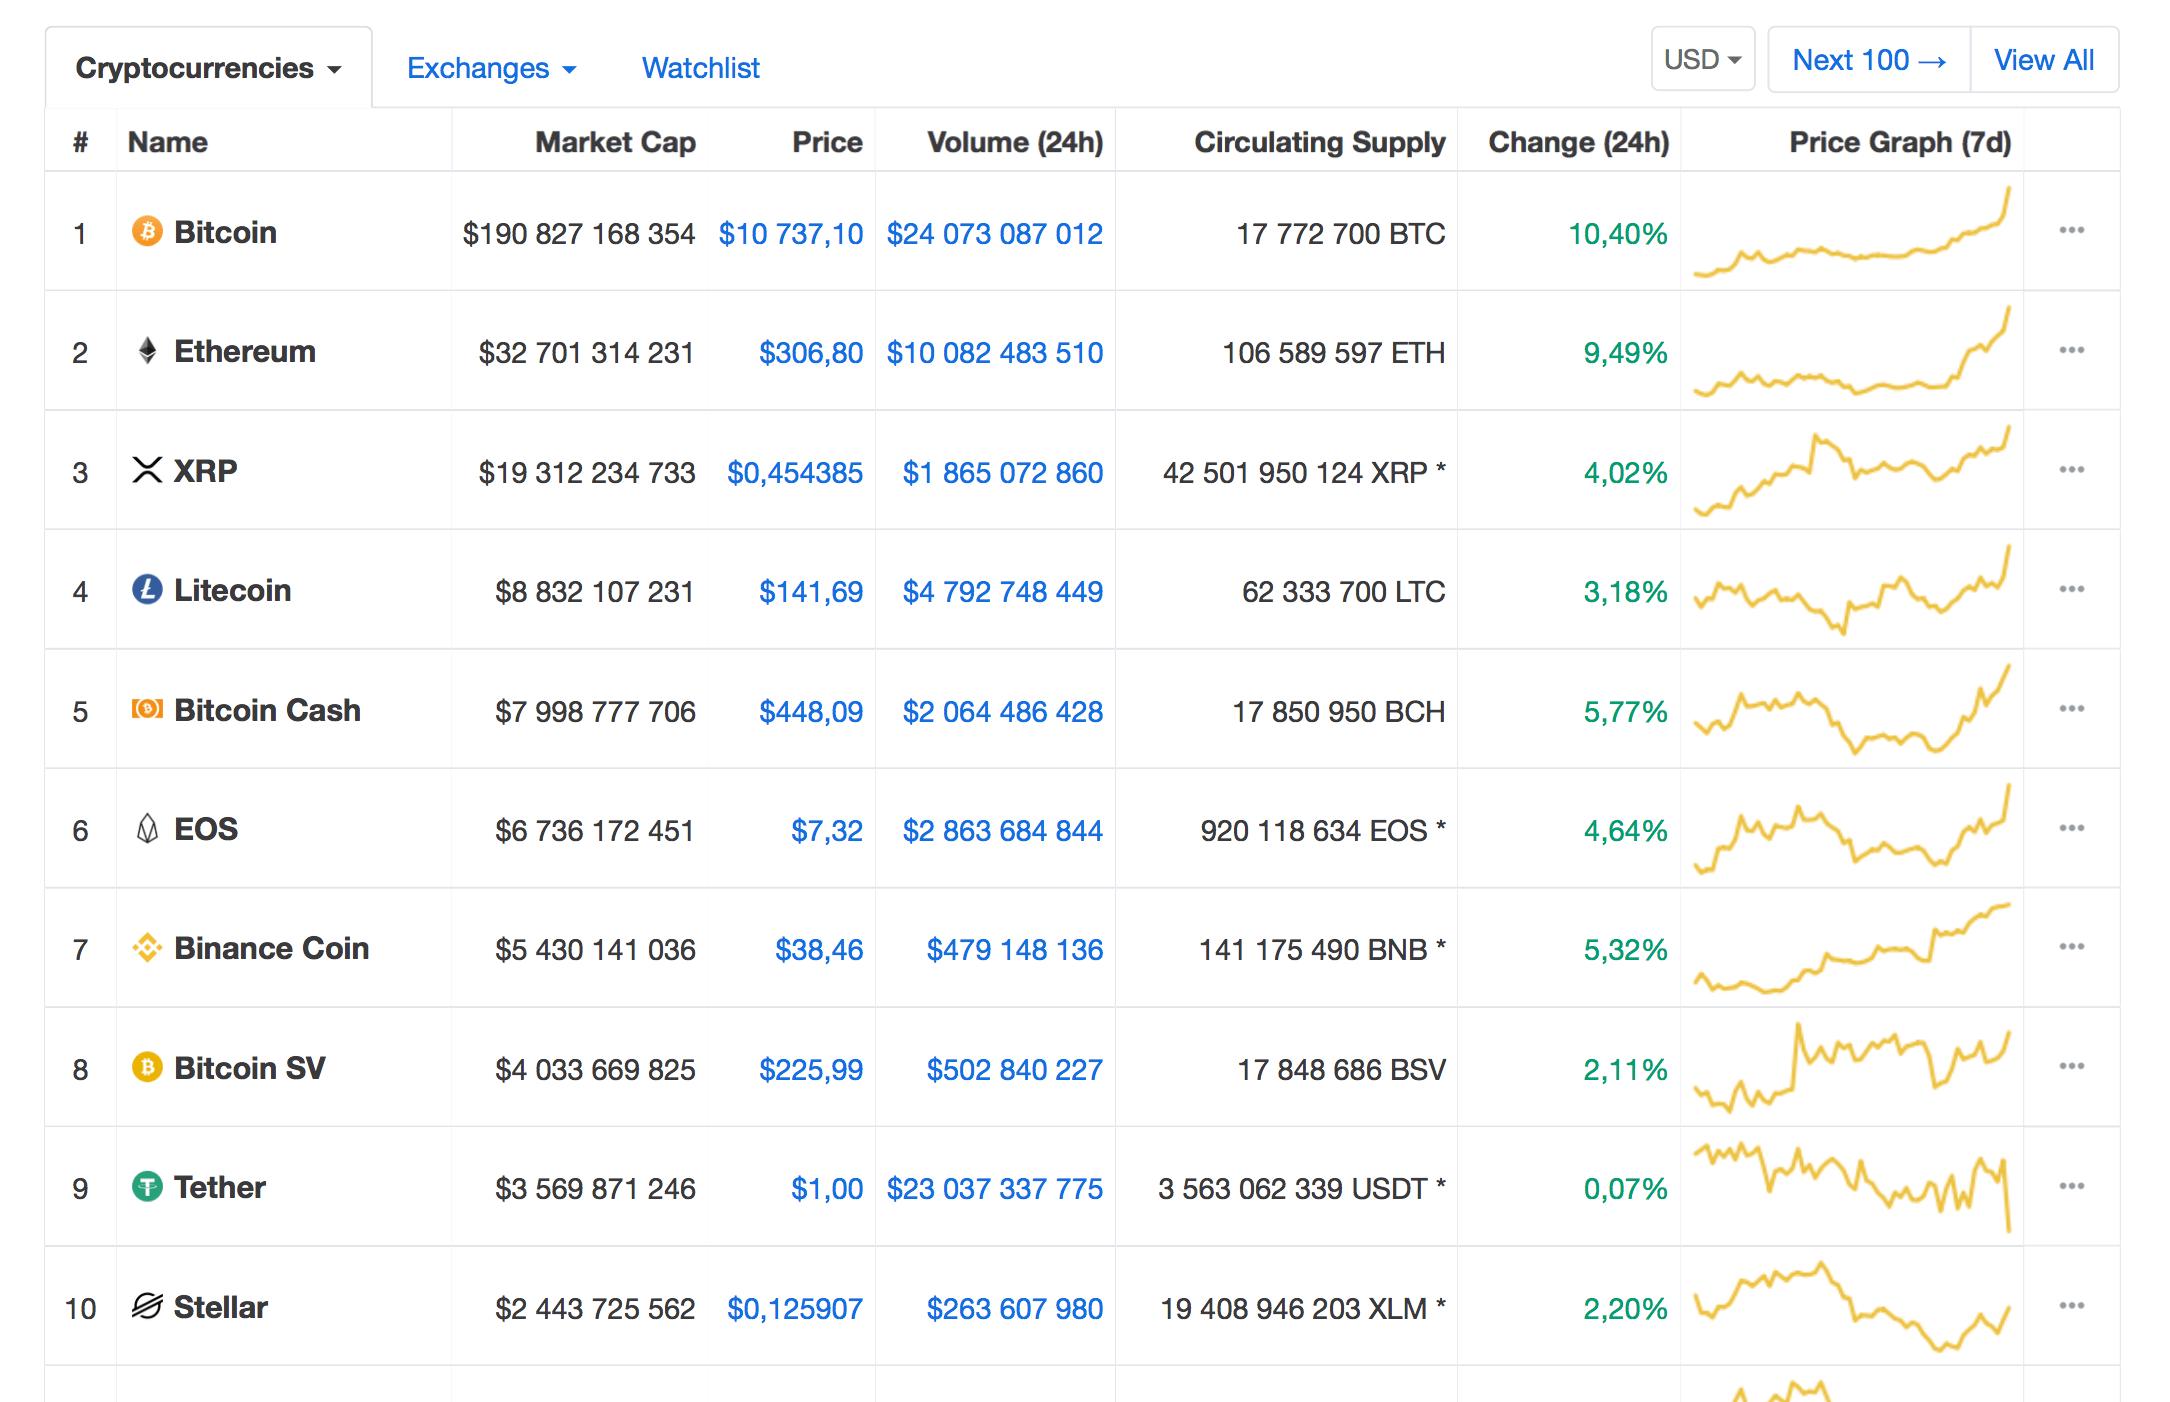 Цена Bitcoin поднялась выше $10700